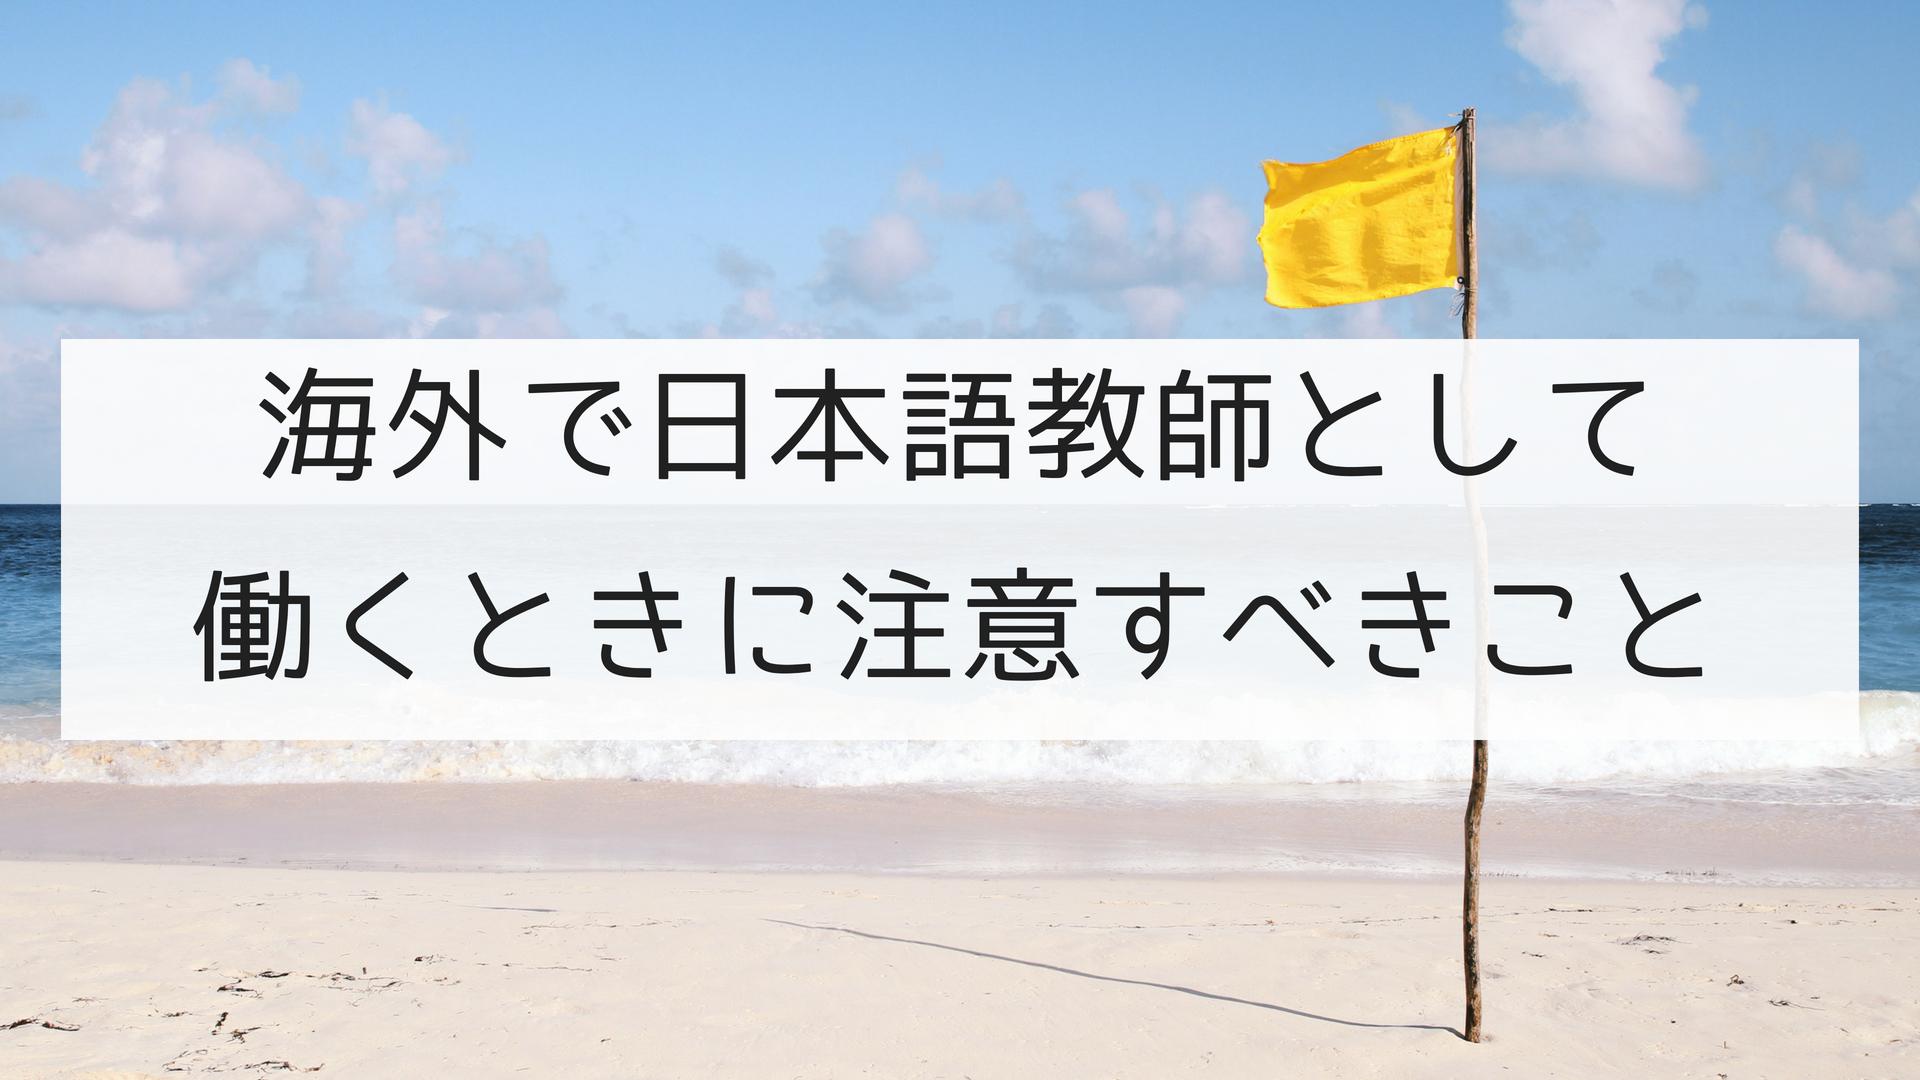 海外で日本語教師として働くときに注意すべきこと